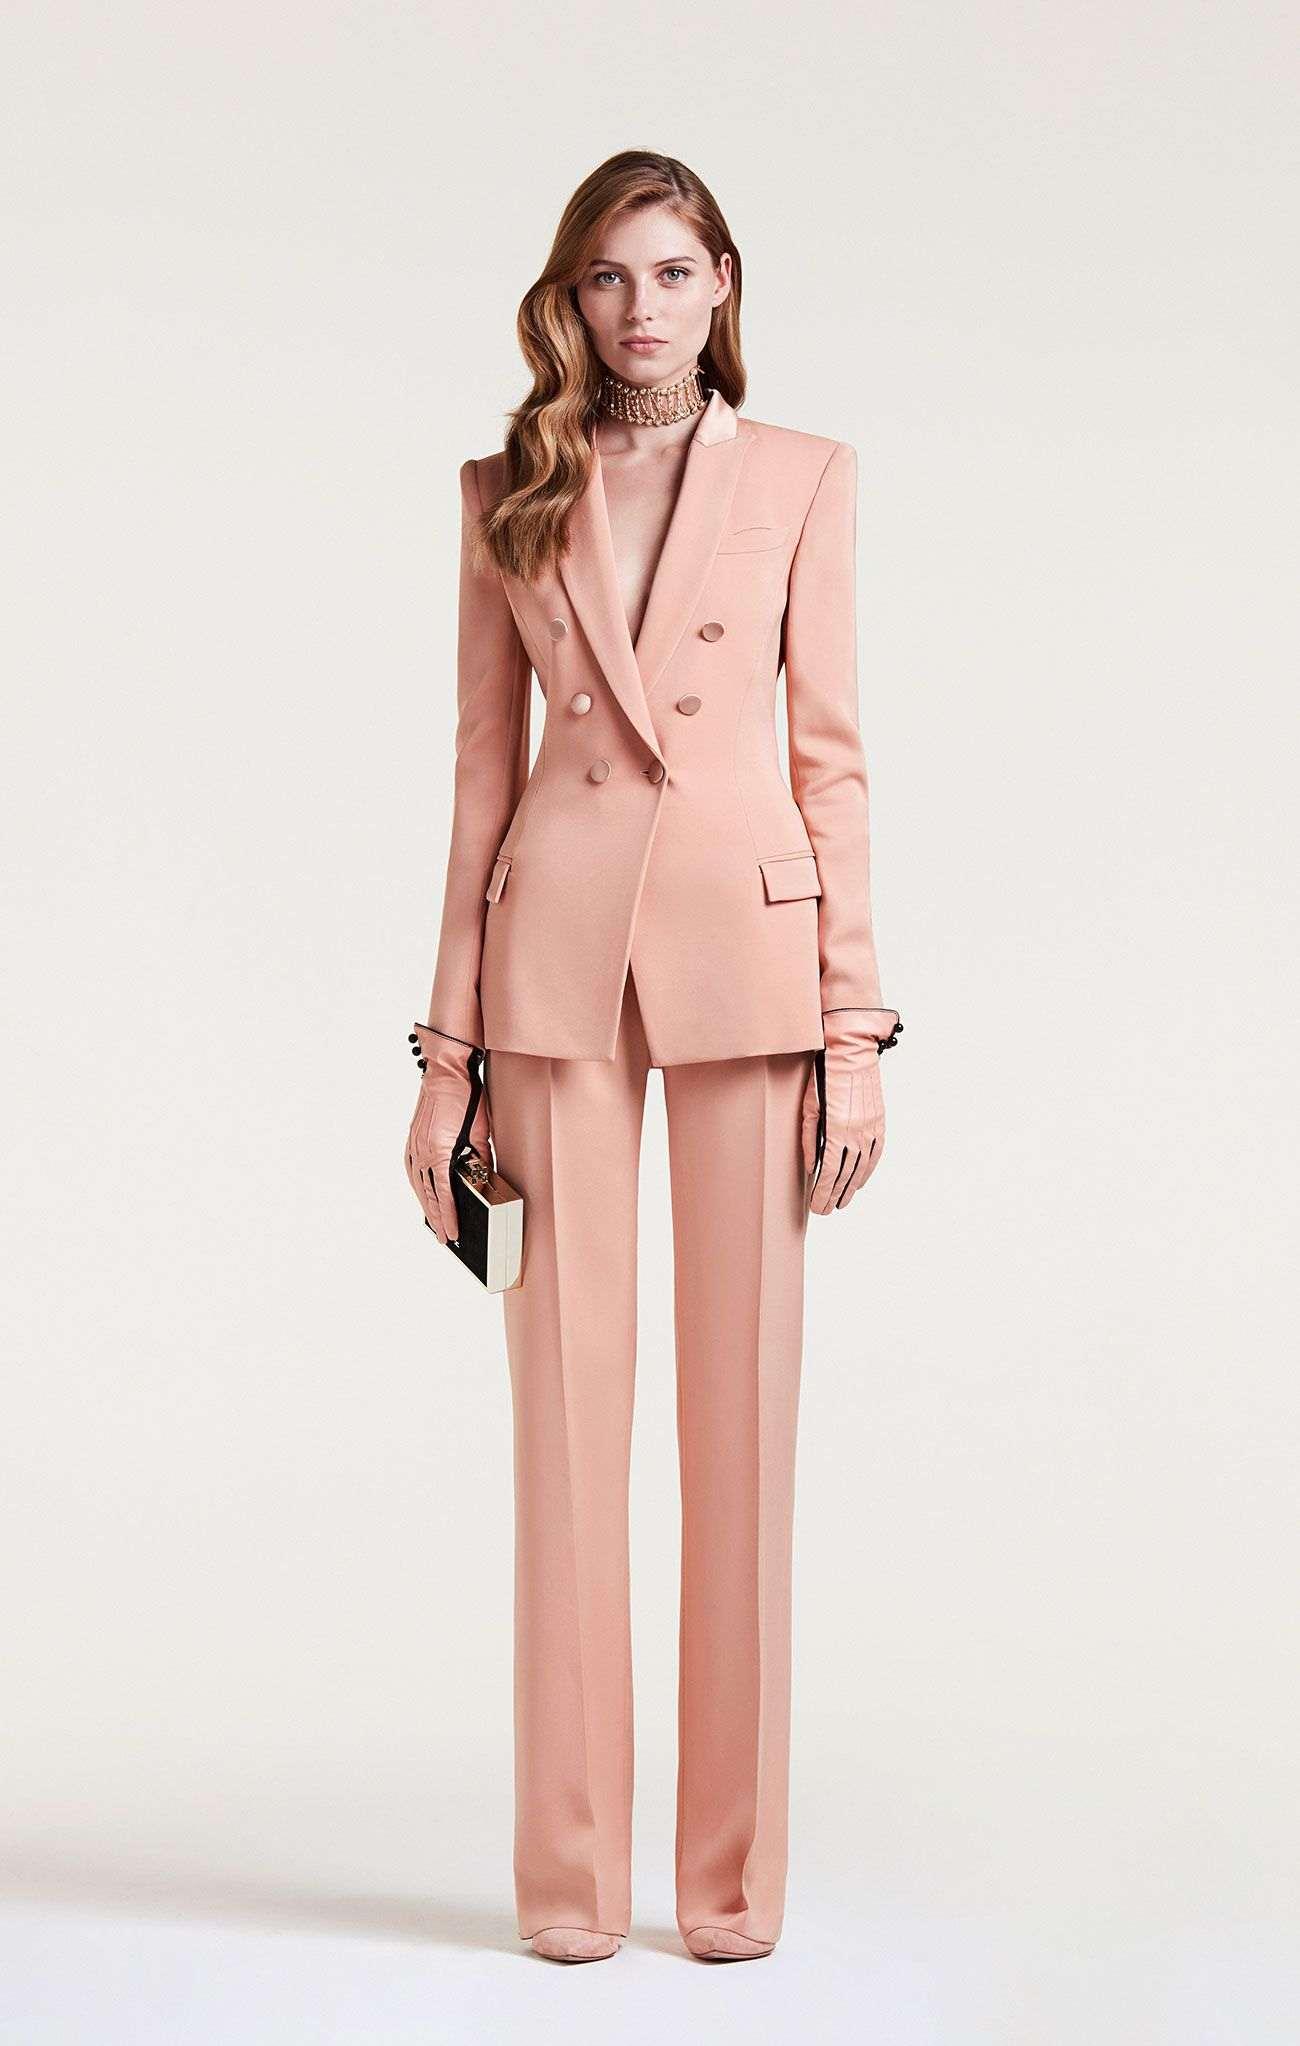 ropa-de-moda-2018-traje-sexy